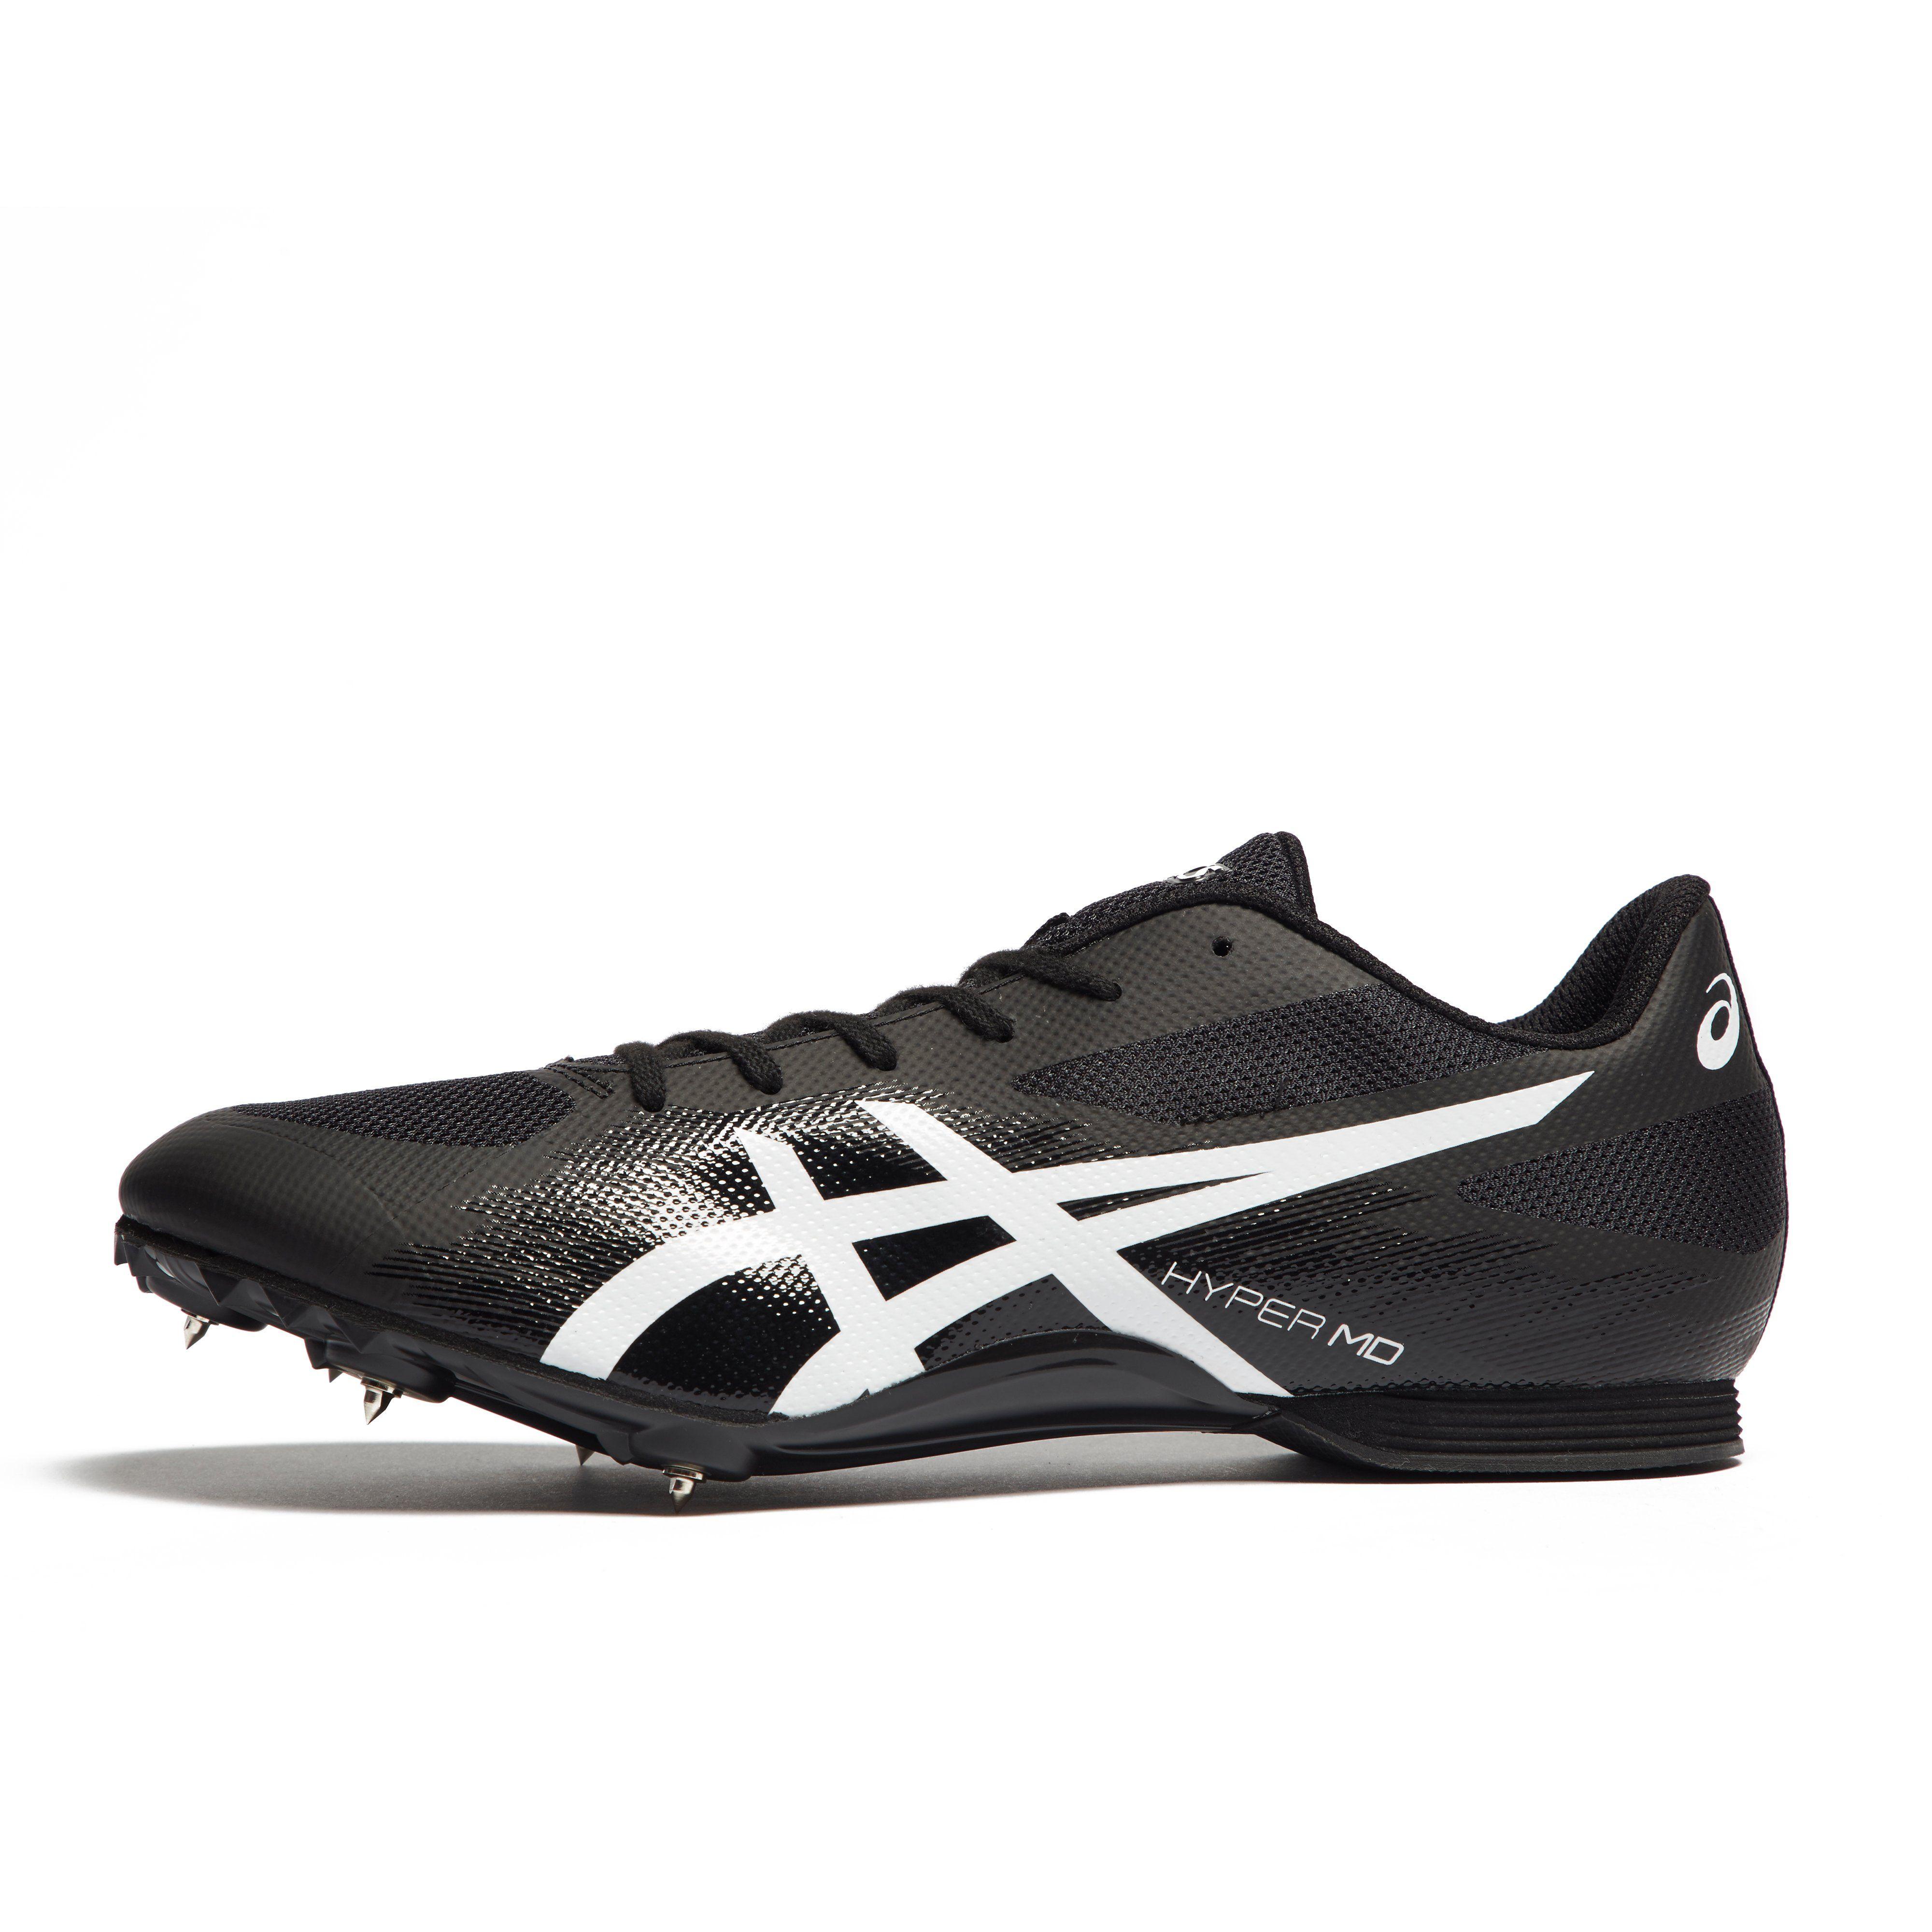 ASICS Hyper MD 7 Men's Running Shoes